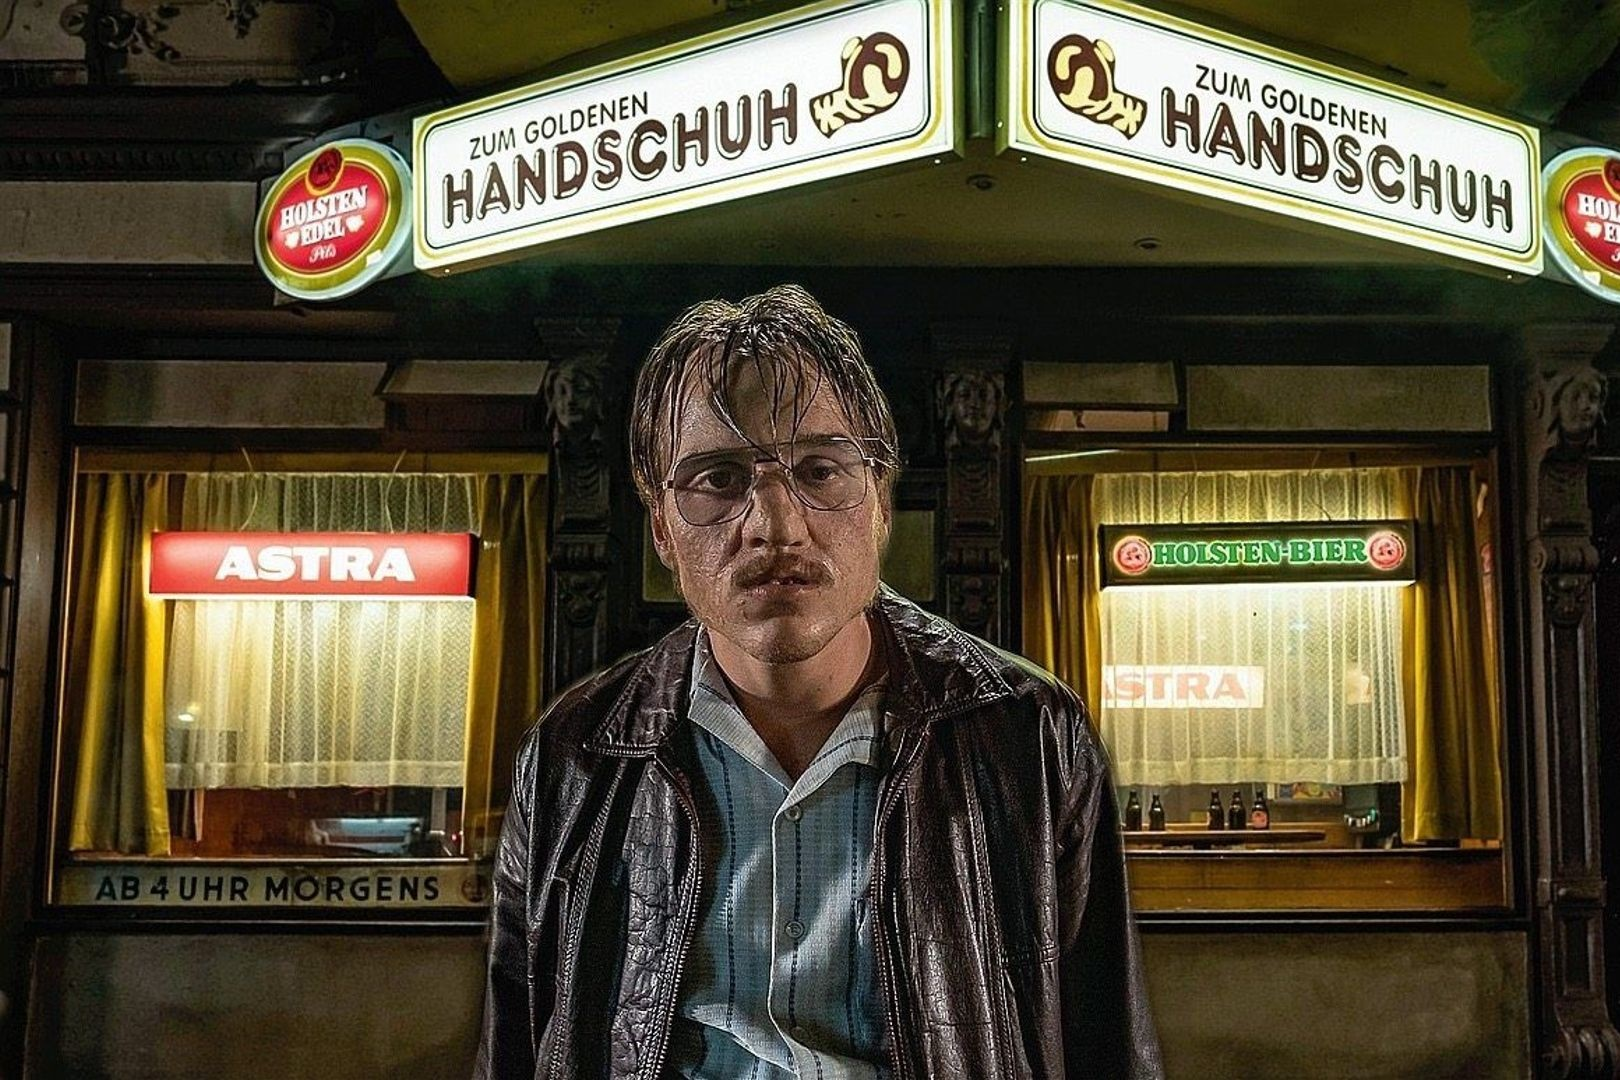 Der goldene Handschuh (2019): Cinselliğin Yerine Şiddet